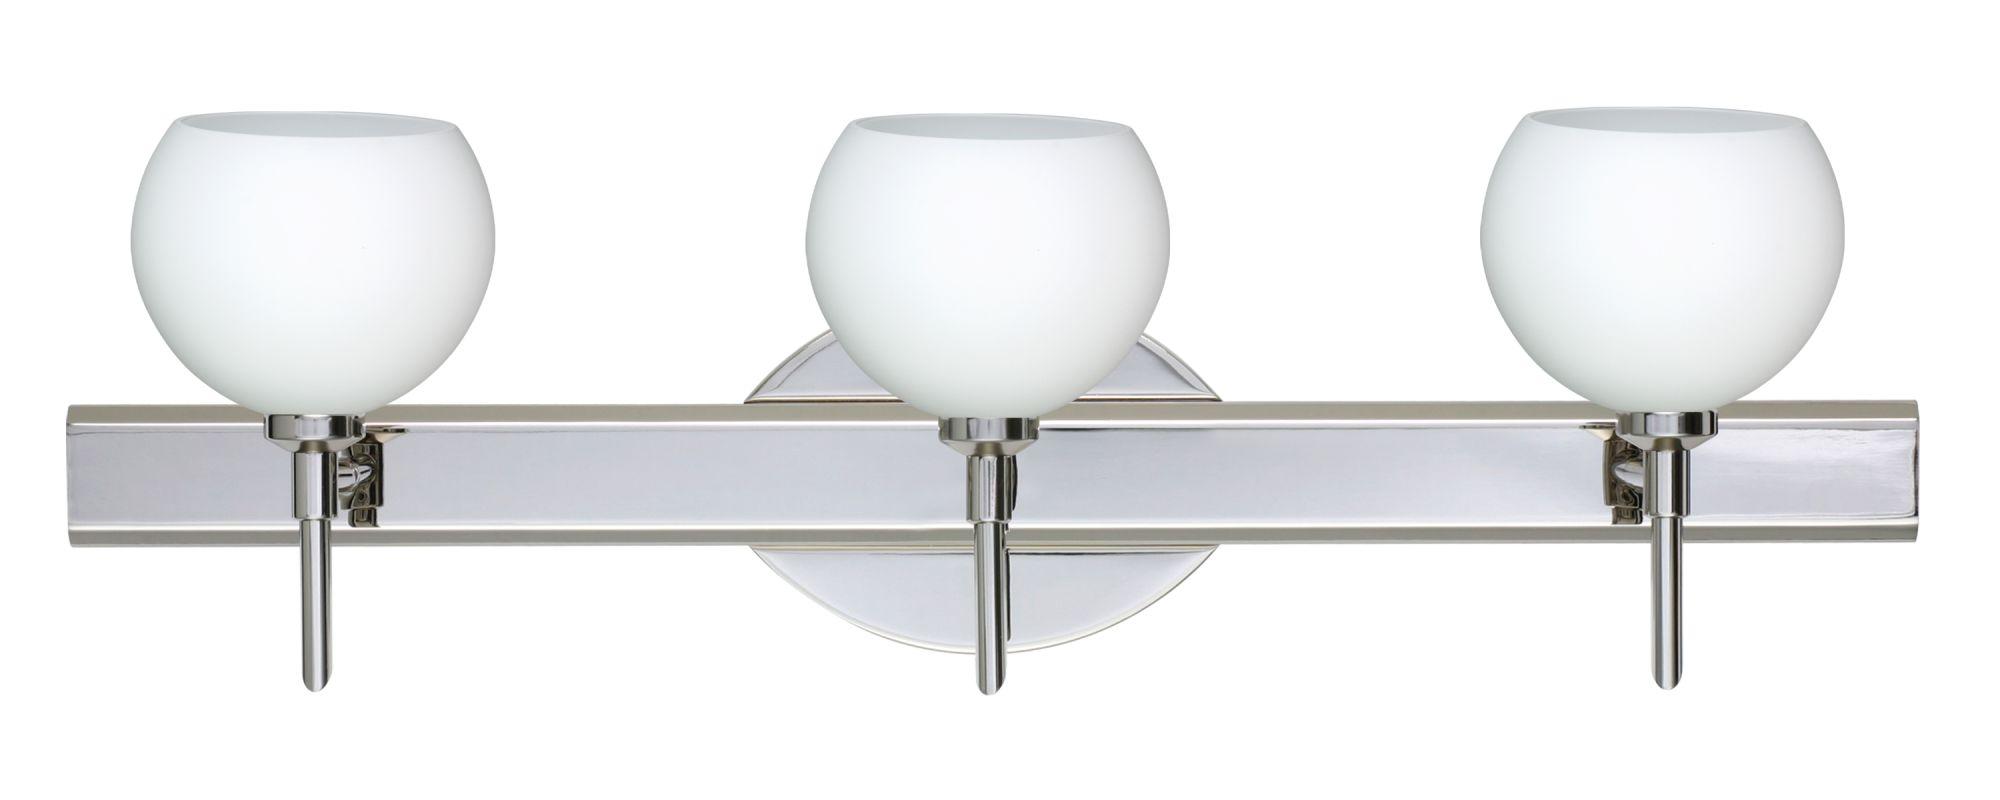 Besa Lighting 3SW-565807 Palla 3 Light Reversible Halogen Bathroom